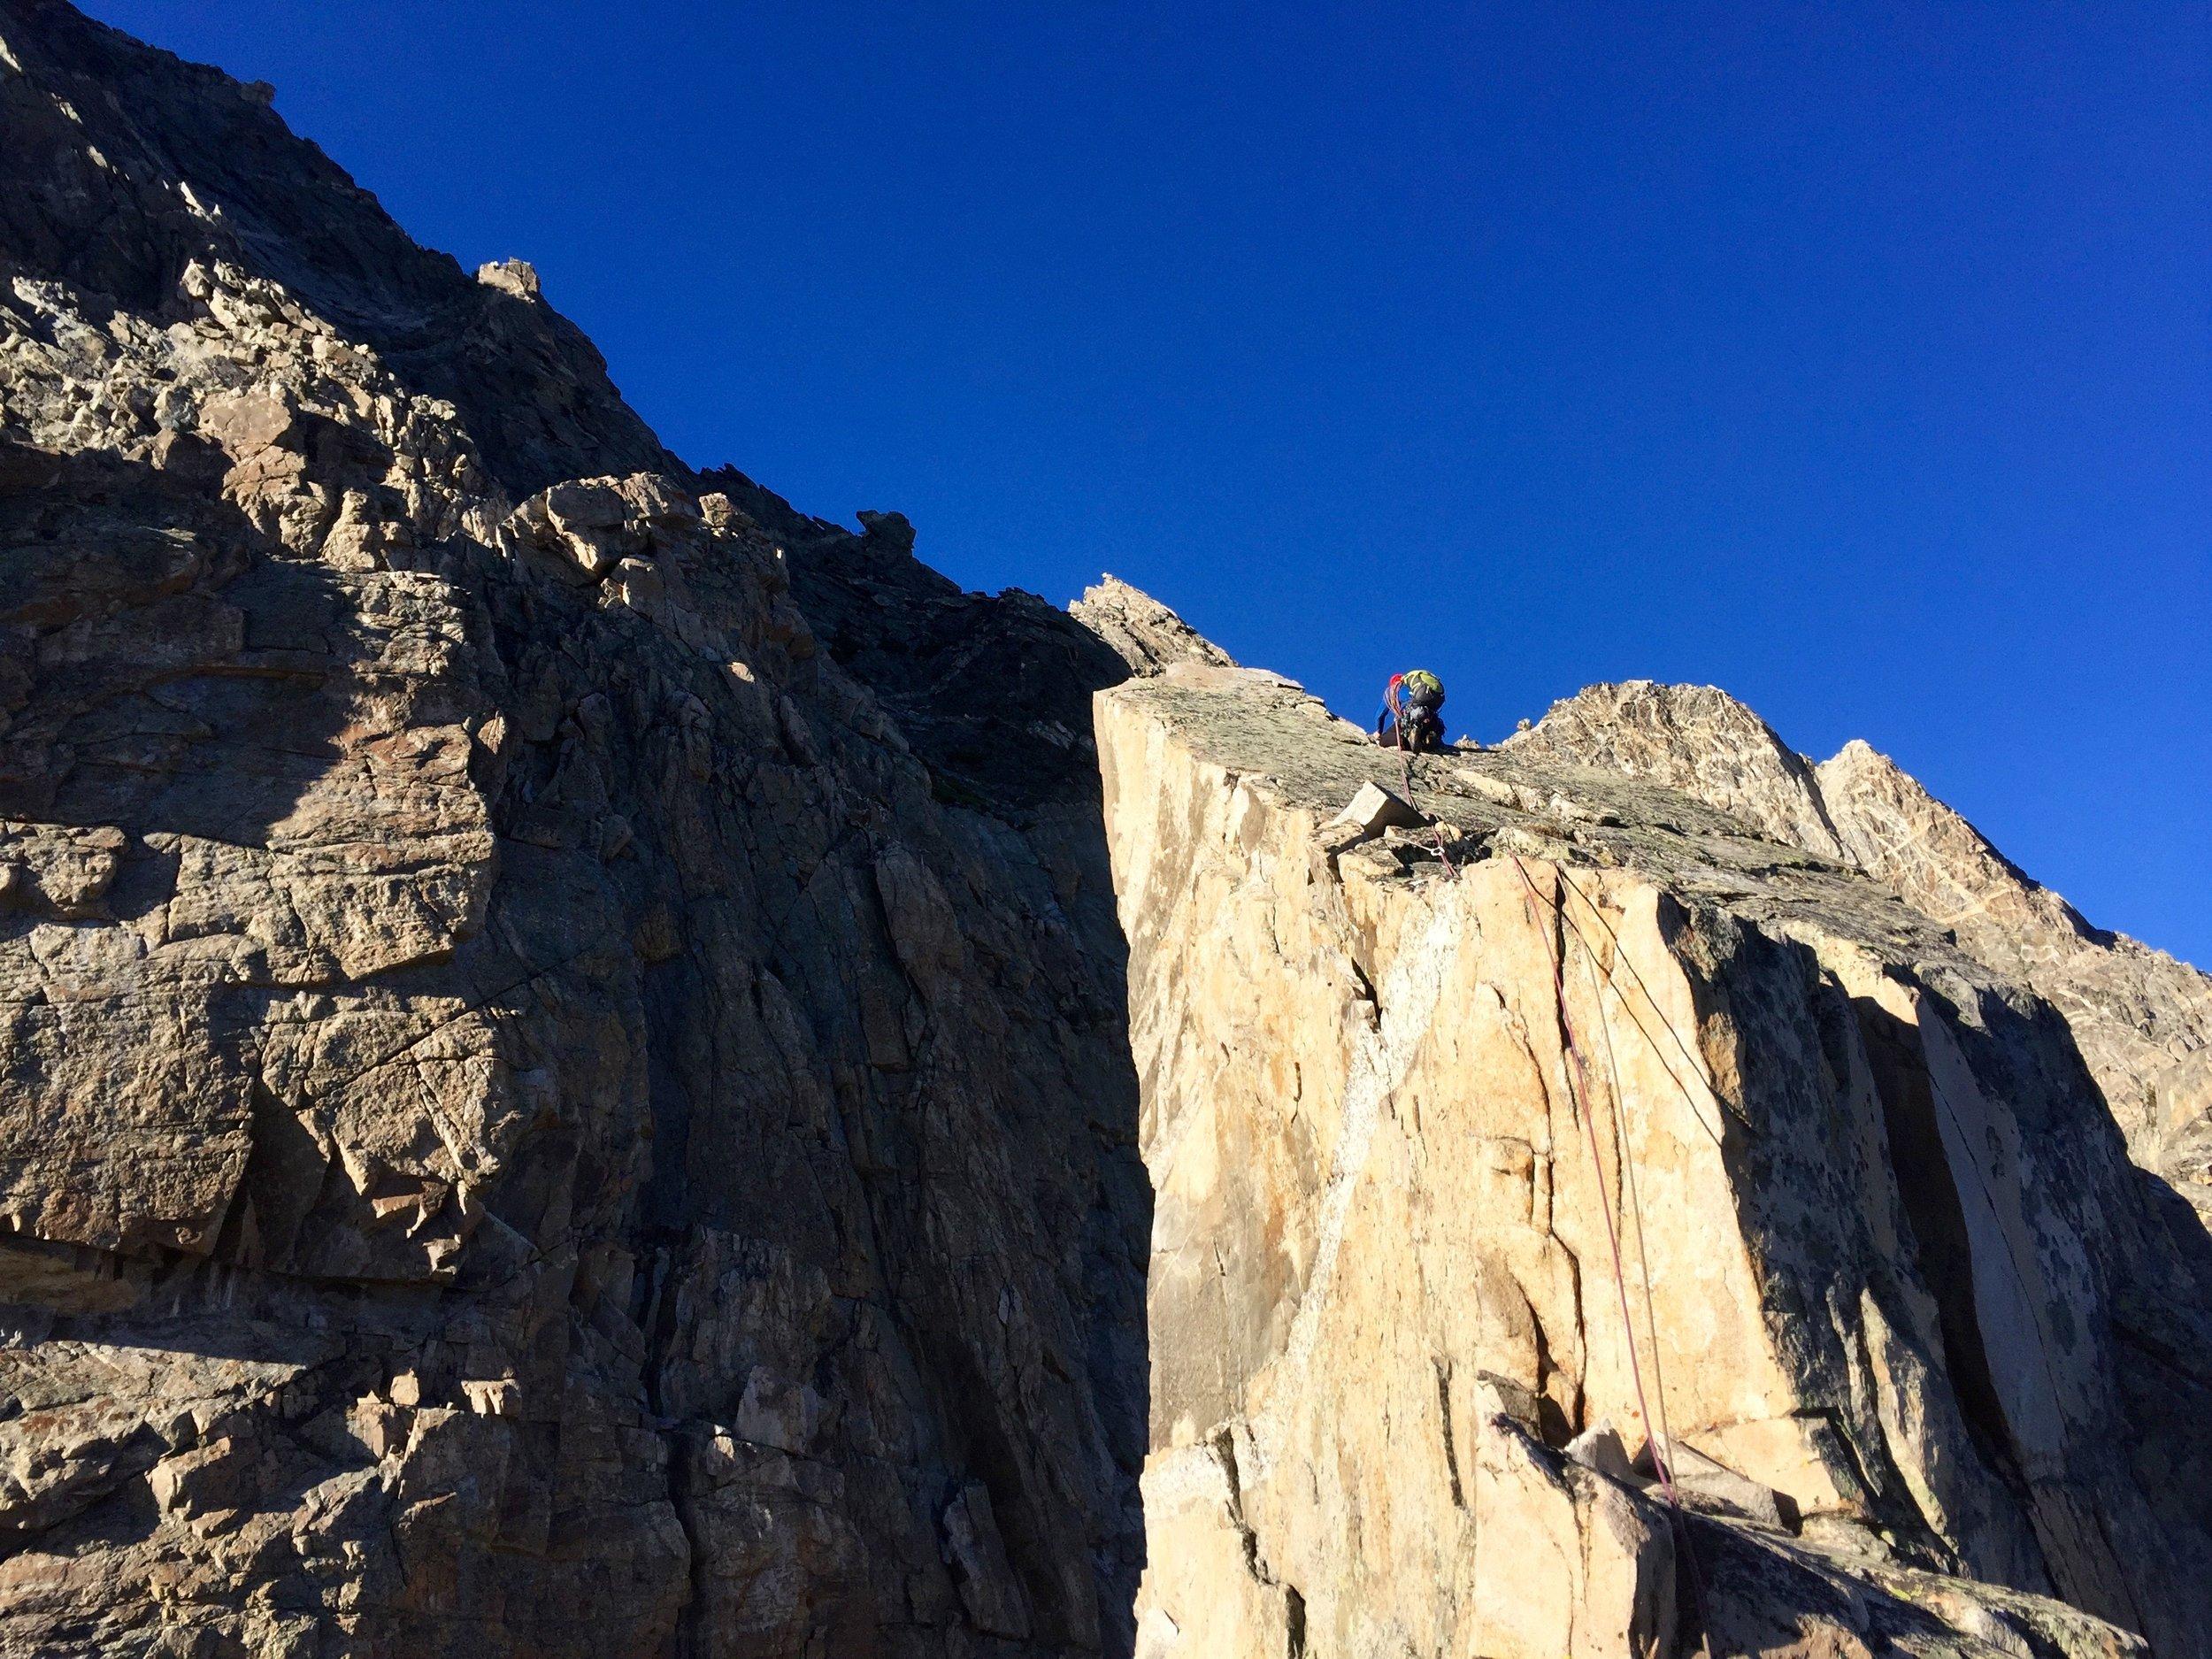 Jeff on the ridge